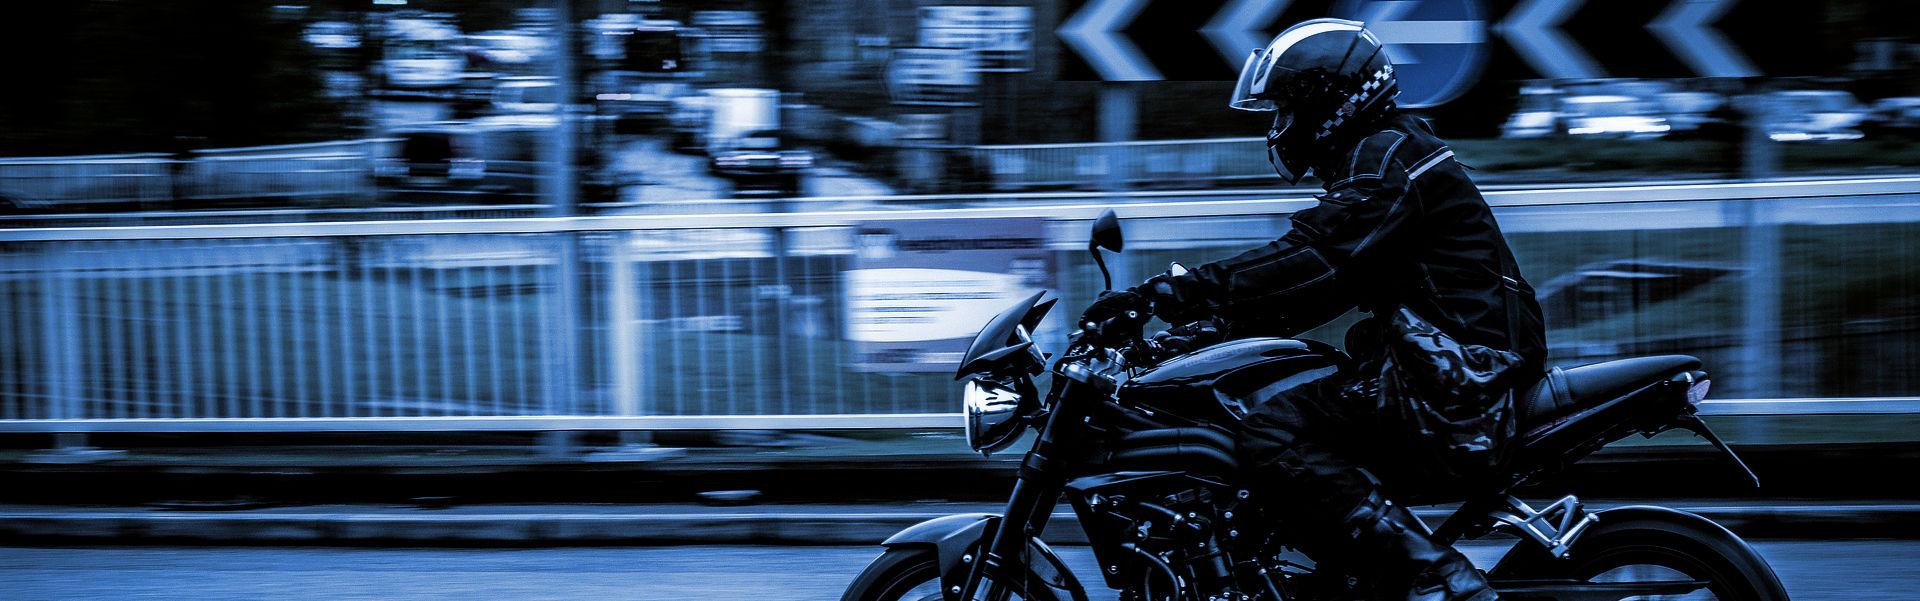 Motorrad Symbolbild